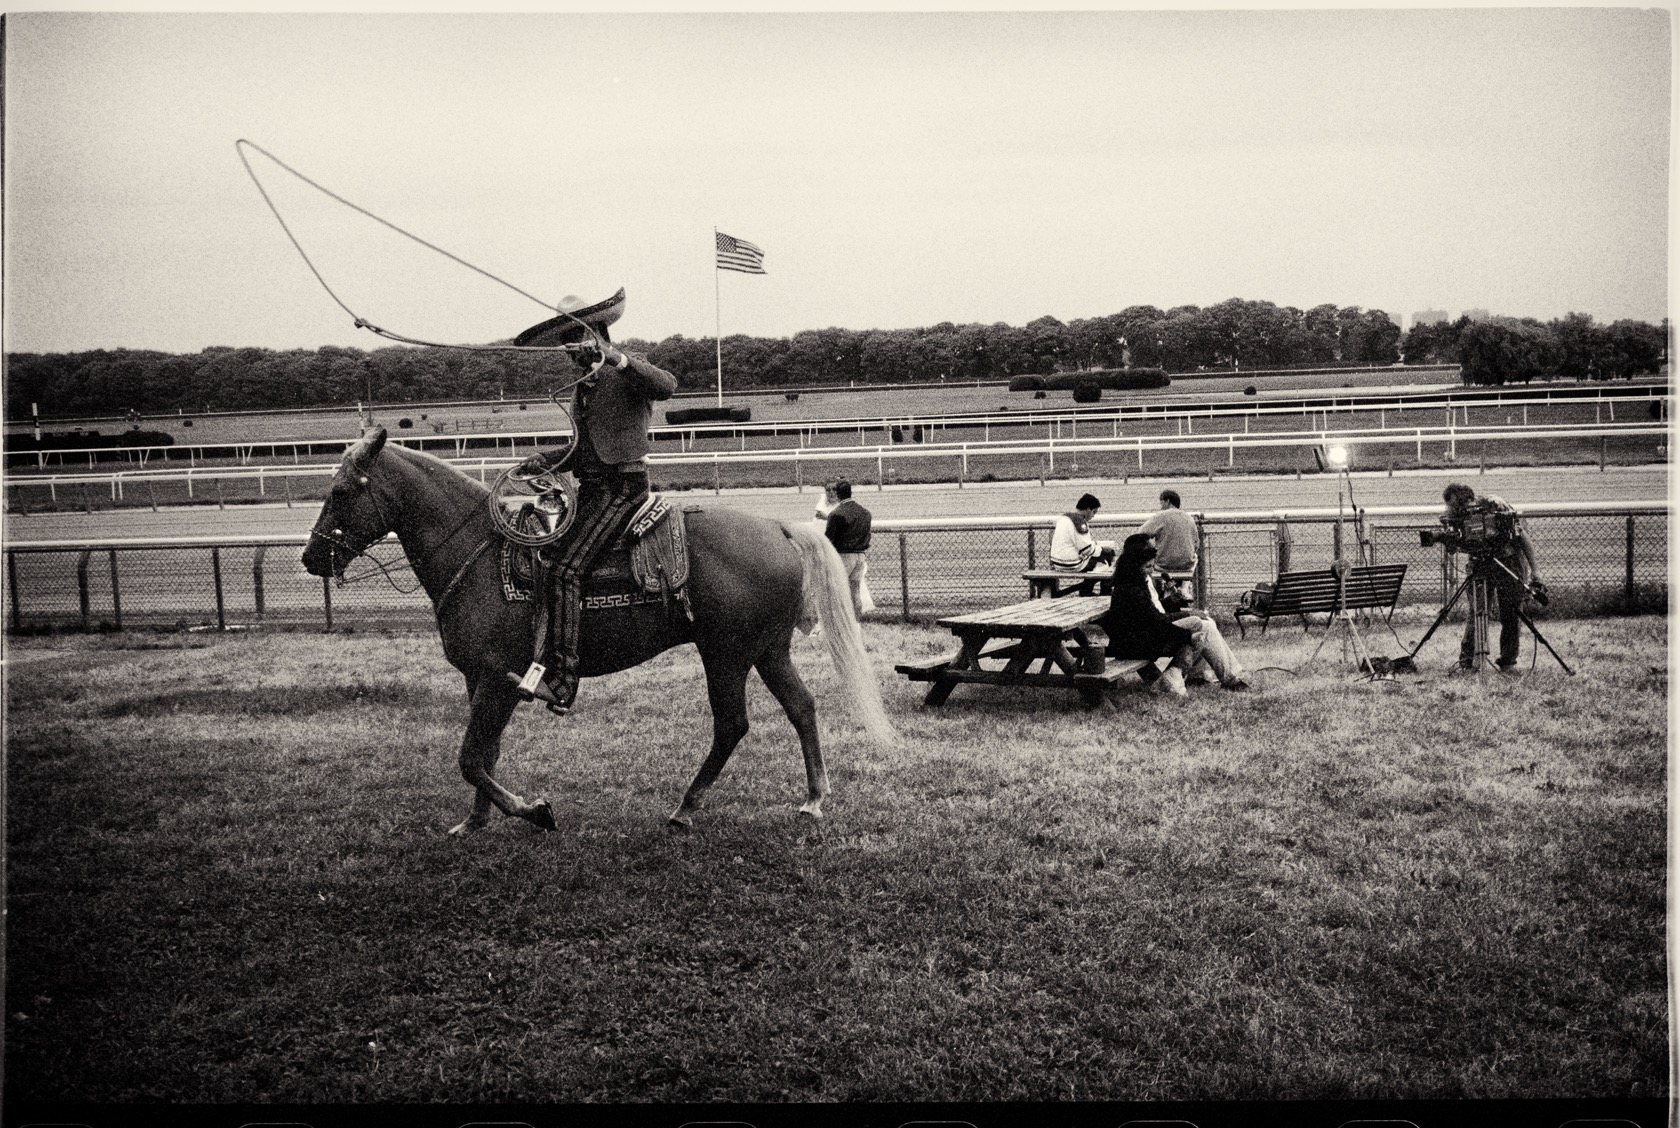 Belmont Raceway (1997)